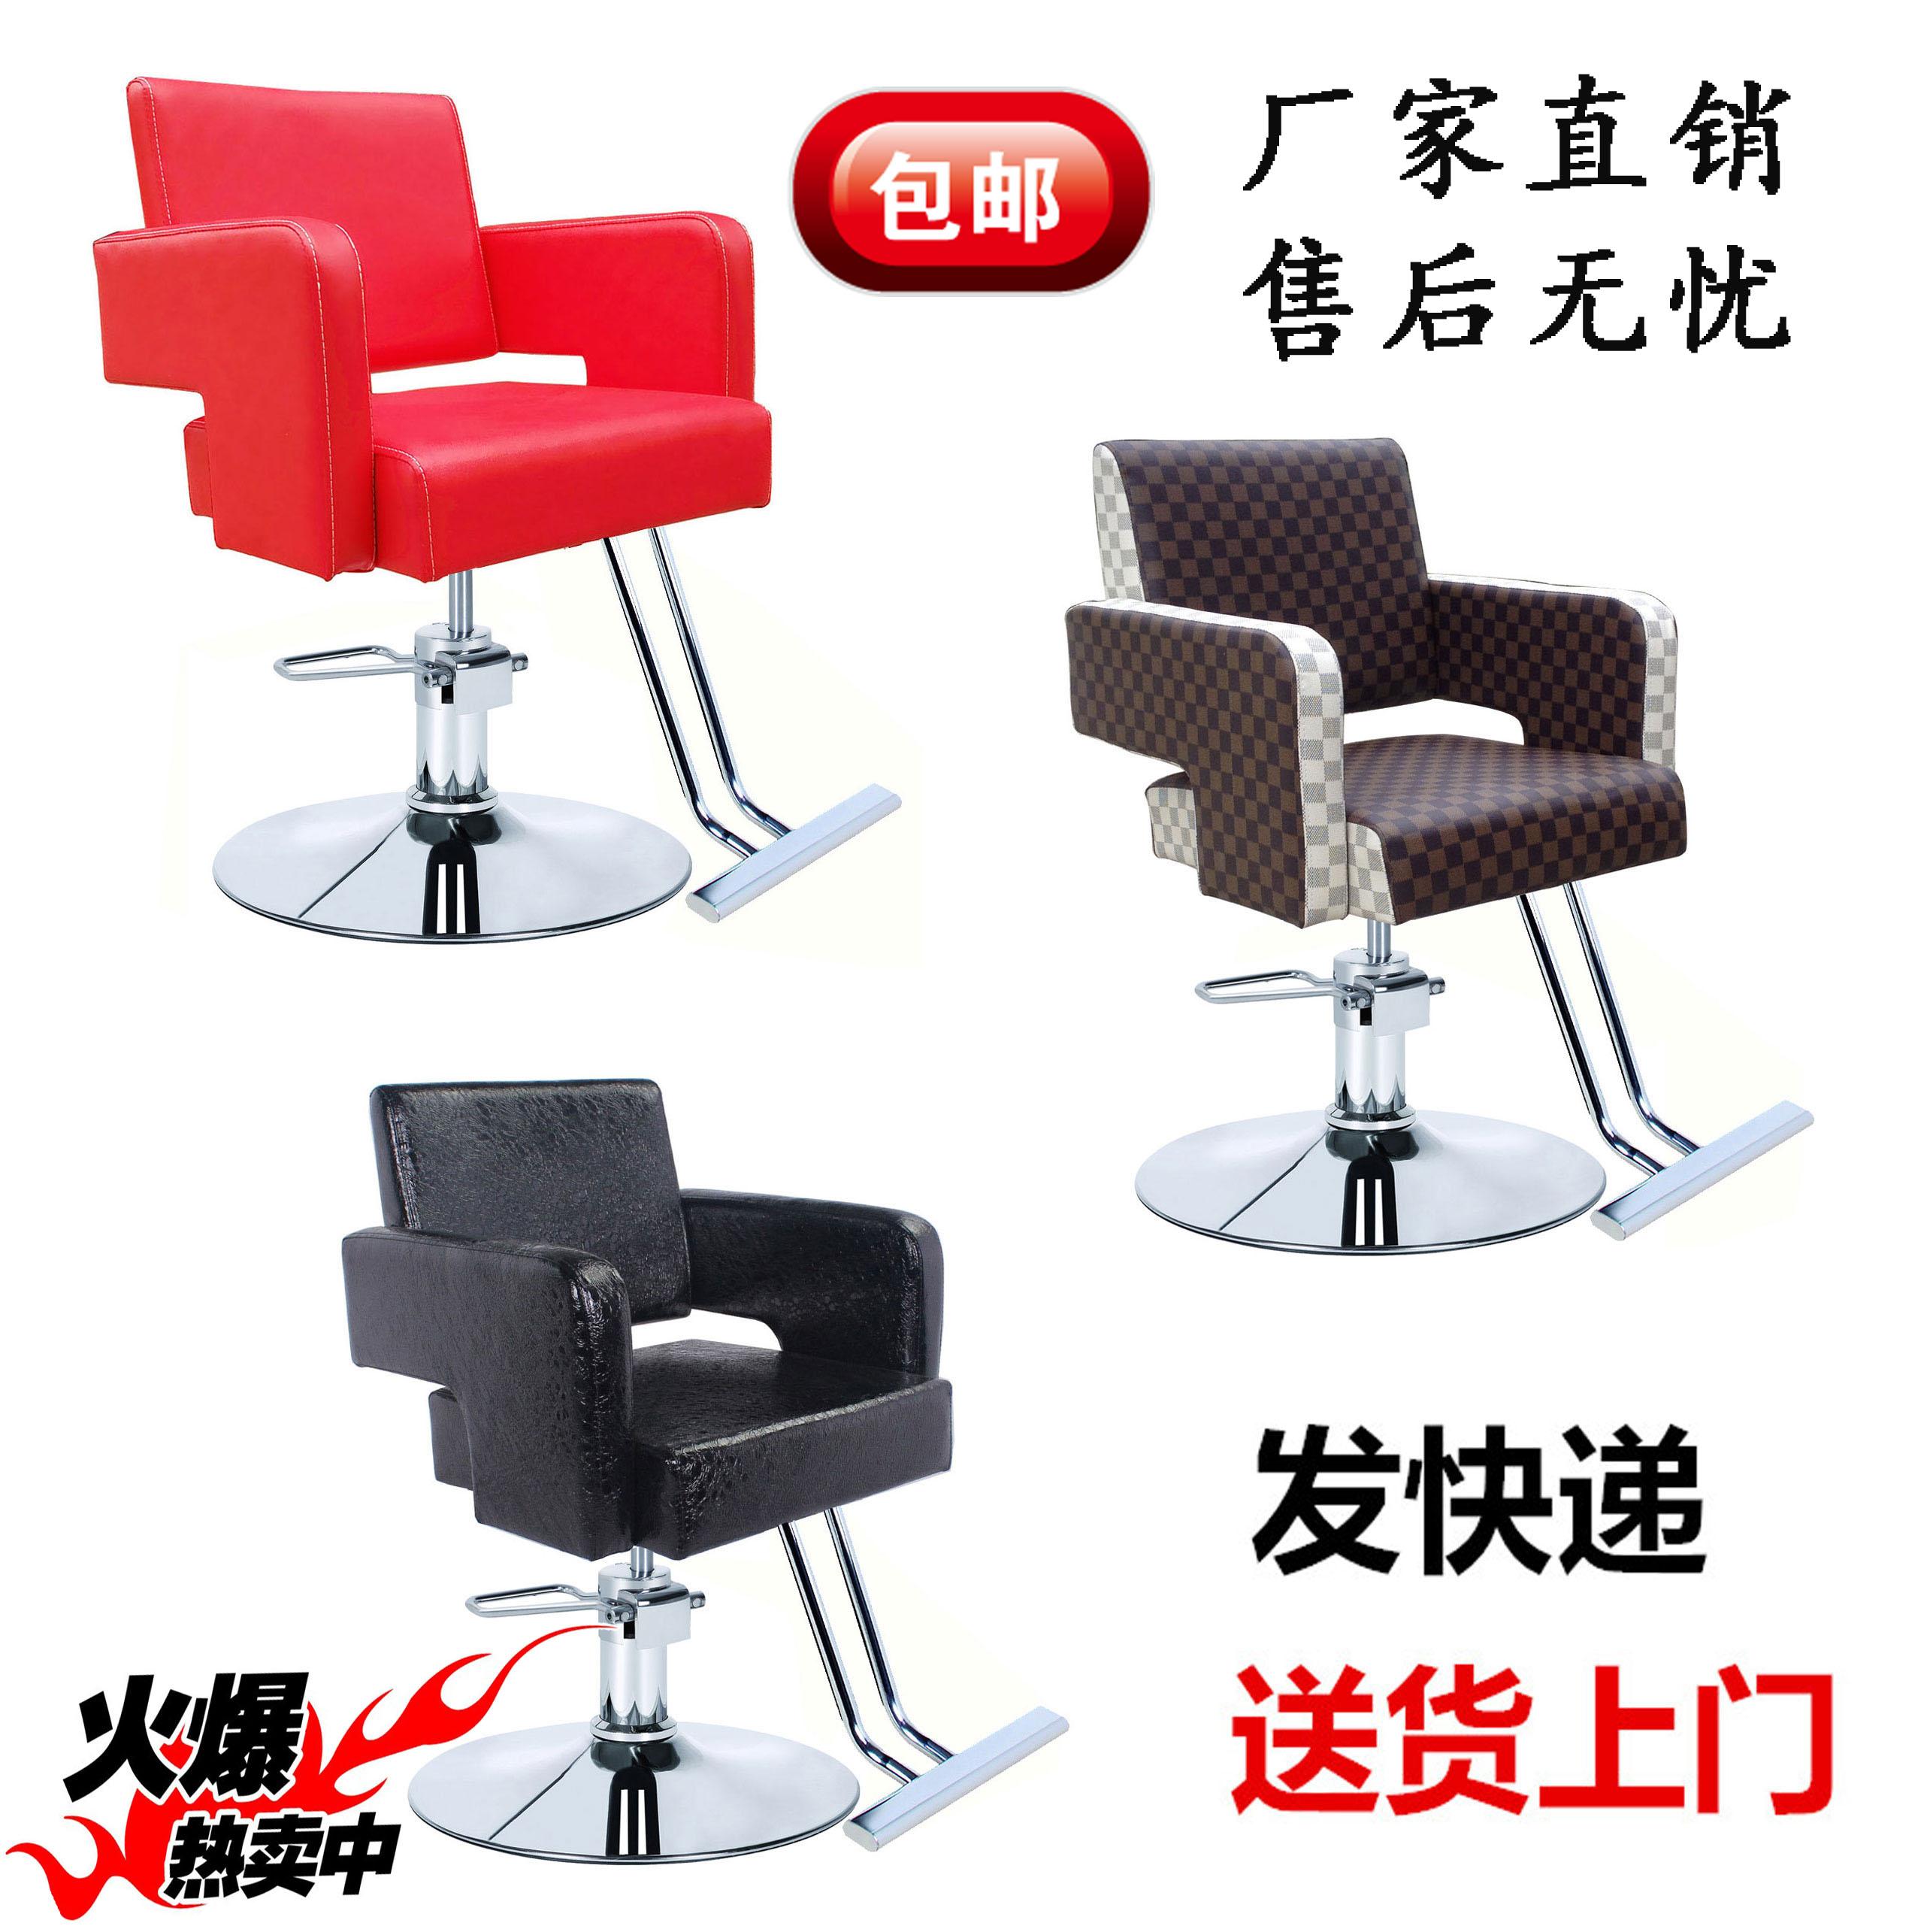 Продаётся напрямую с завода парикмахерское дело магазин стрижка парикмахерское дело стул мода ножницы волосы причина позволять табуретка лифтинг стул 917 стул